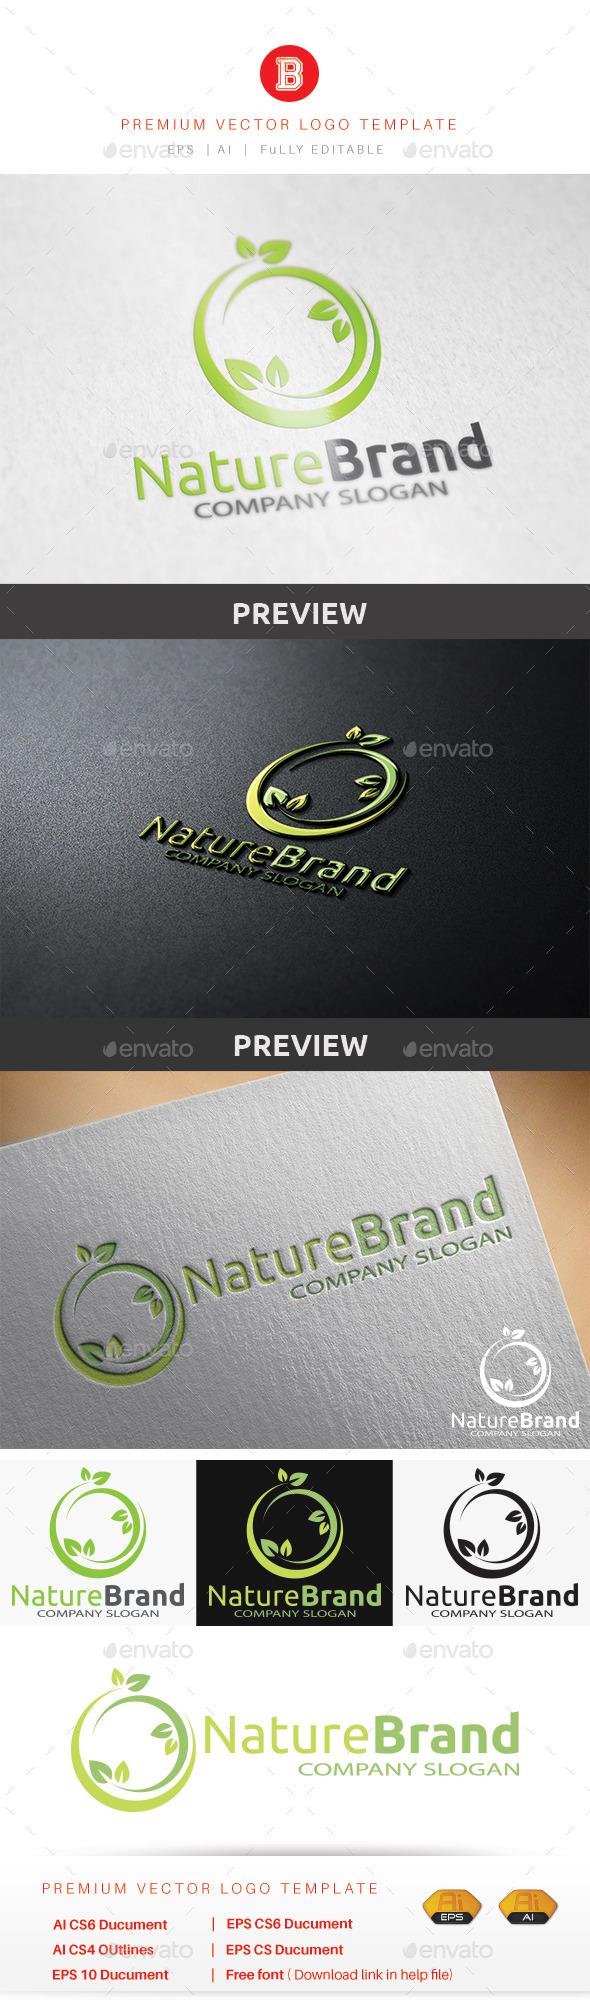 GraphicRiver Nature Brand 8935522